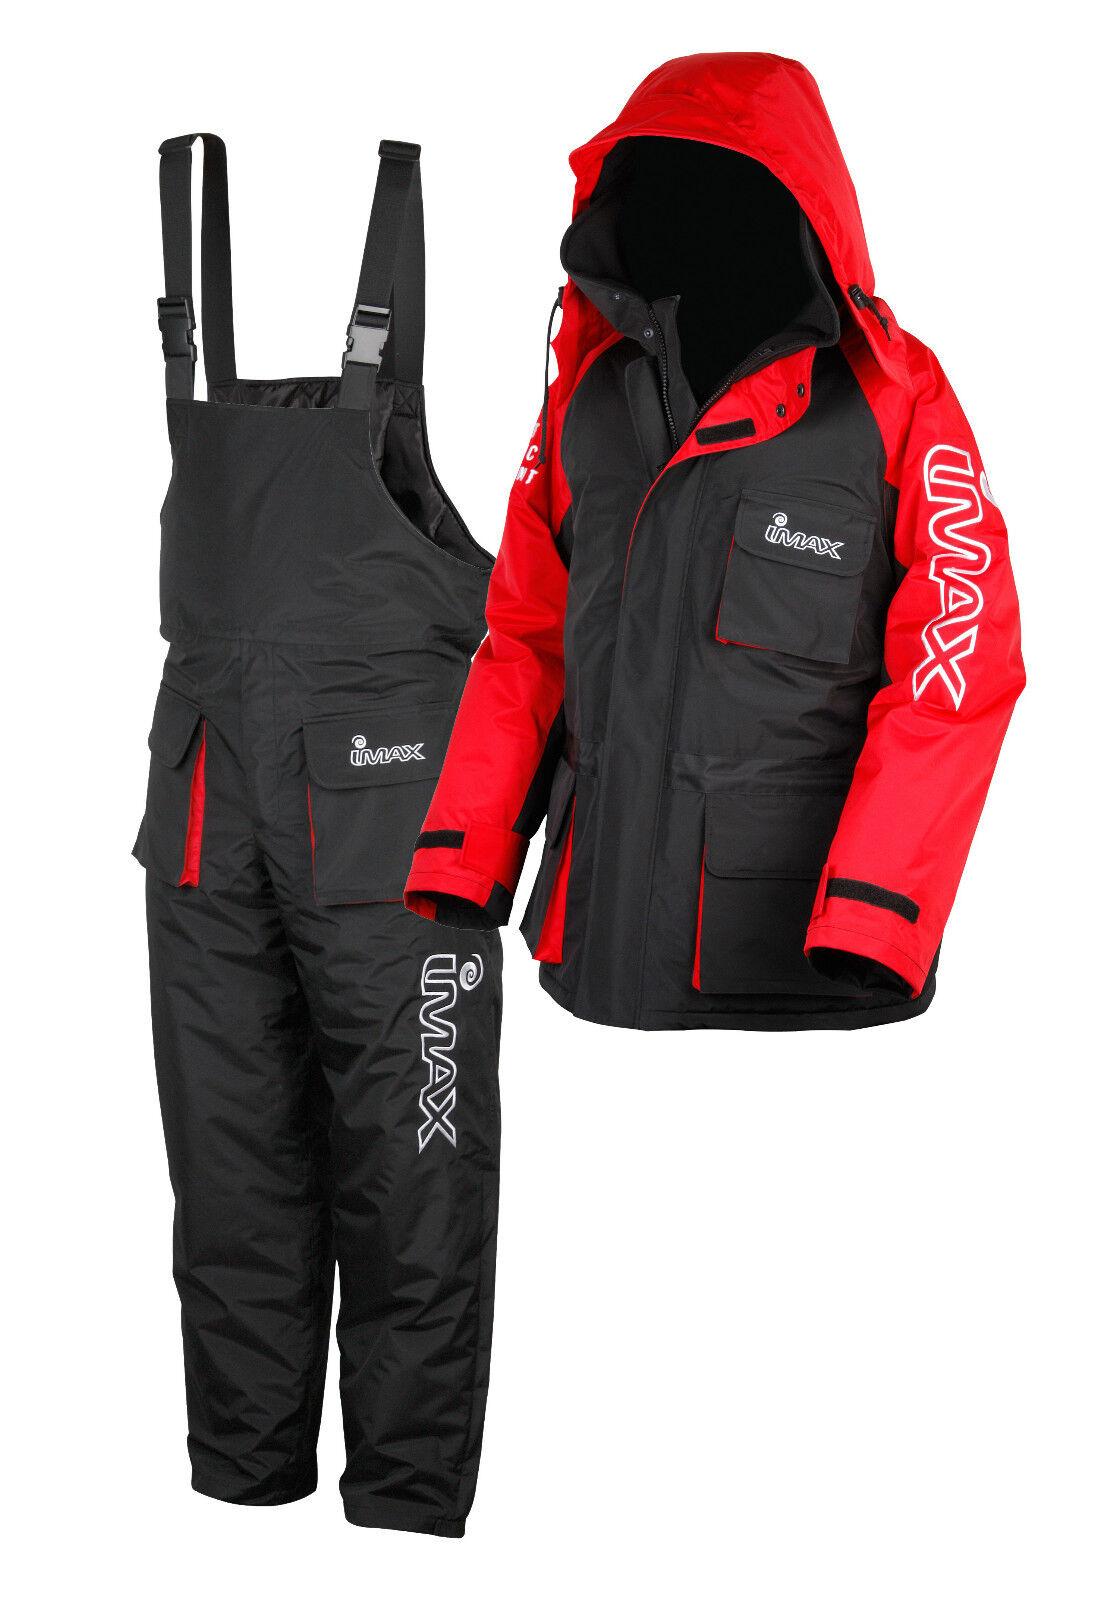 Imax Thermo Suit 2 Pièces thermoanzug Hiver Costume Veste Et Pantalon Doubleure